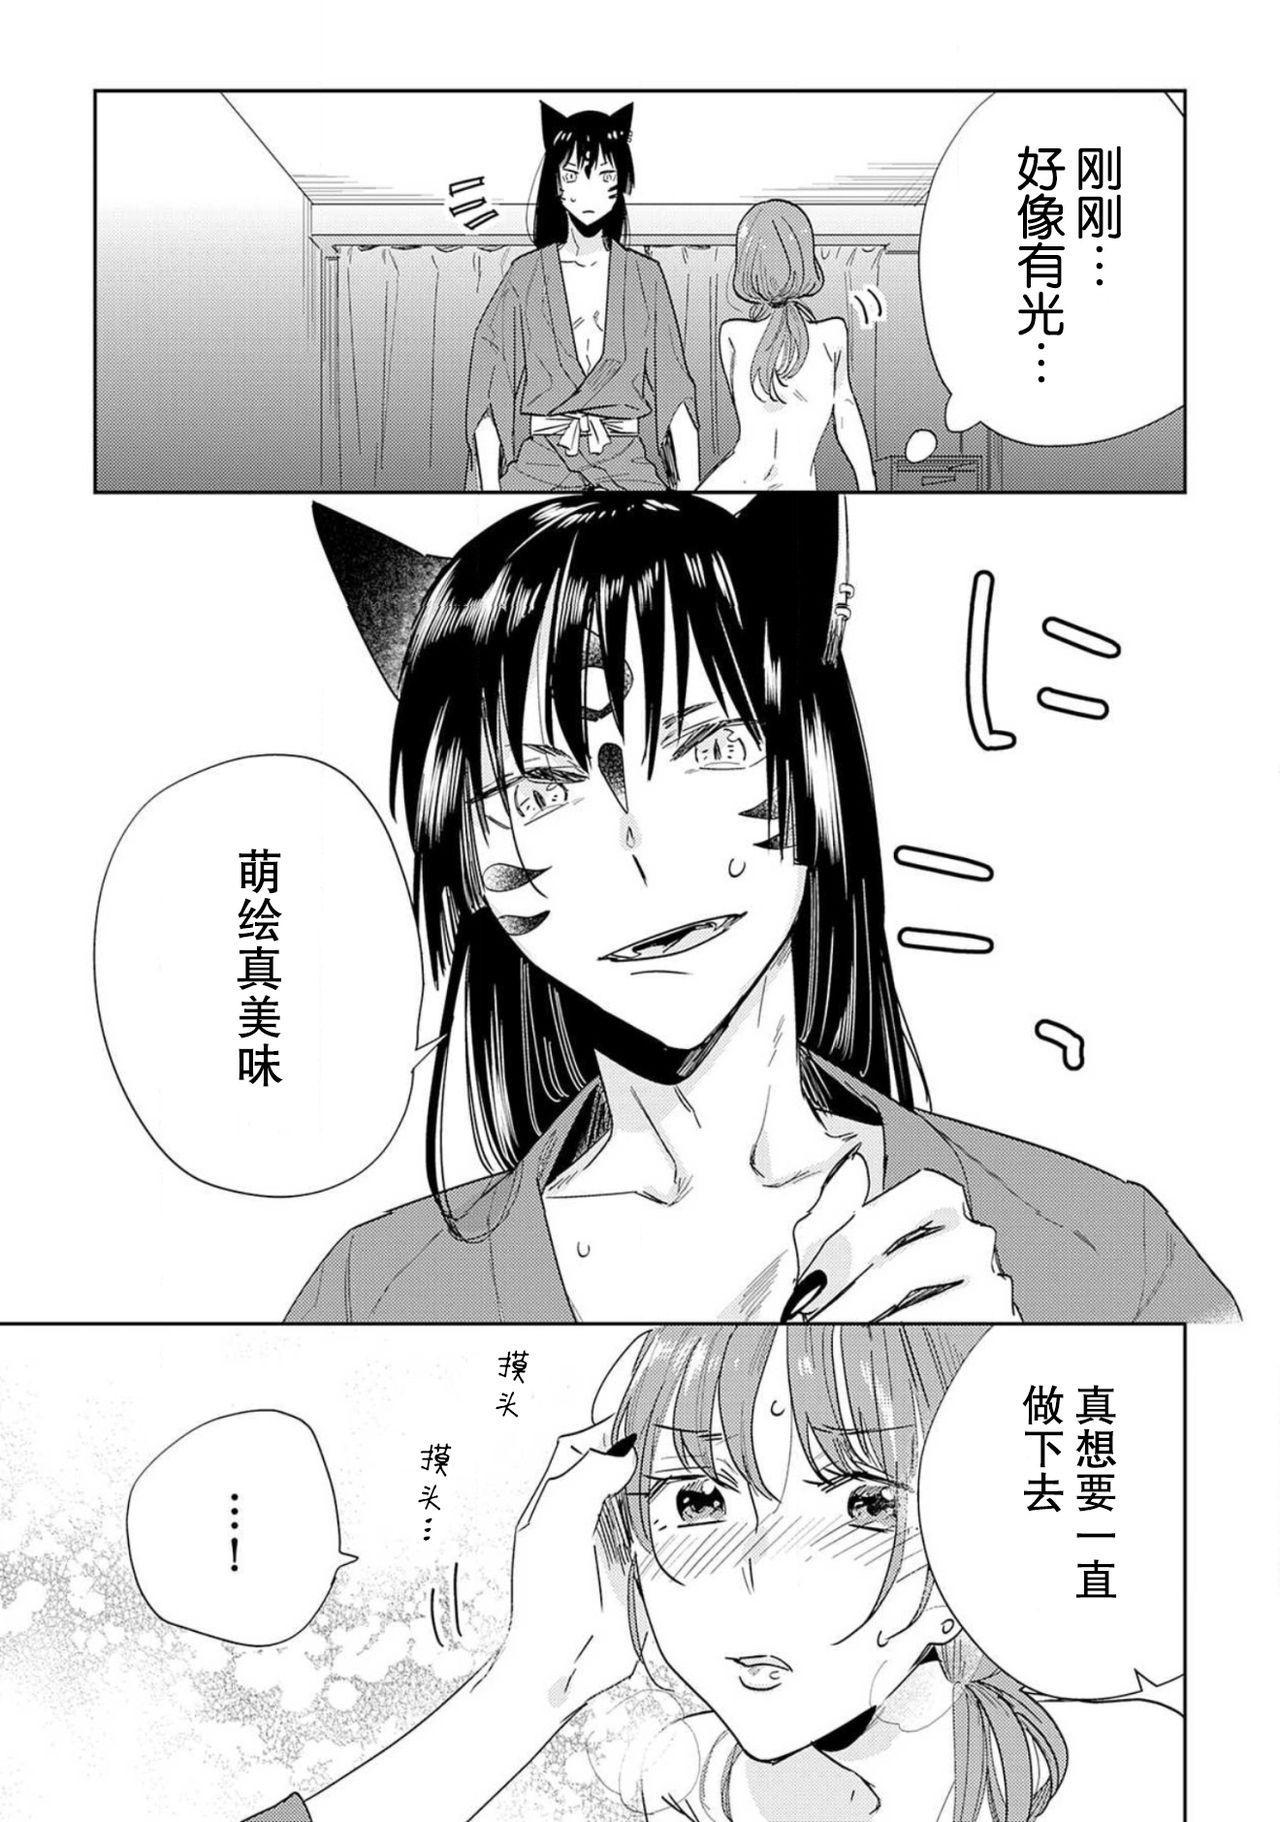 [Hachikawa Kyuu] Kami-sama to Ikenie H Keiyaku Shichaimashita | 我与神明大人签订了祭品H契约 1-3 [Chinese] [莉赛特汉化组] 52